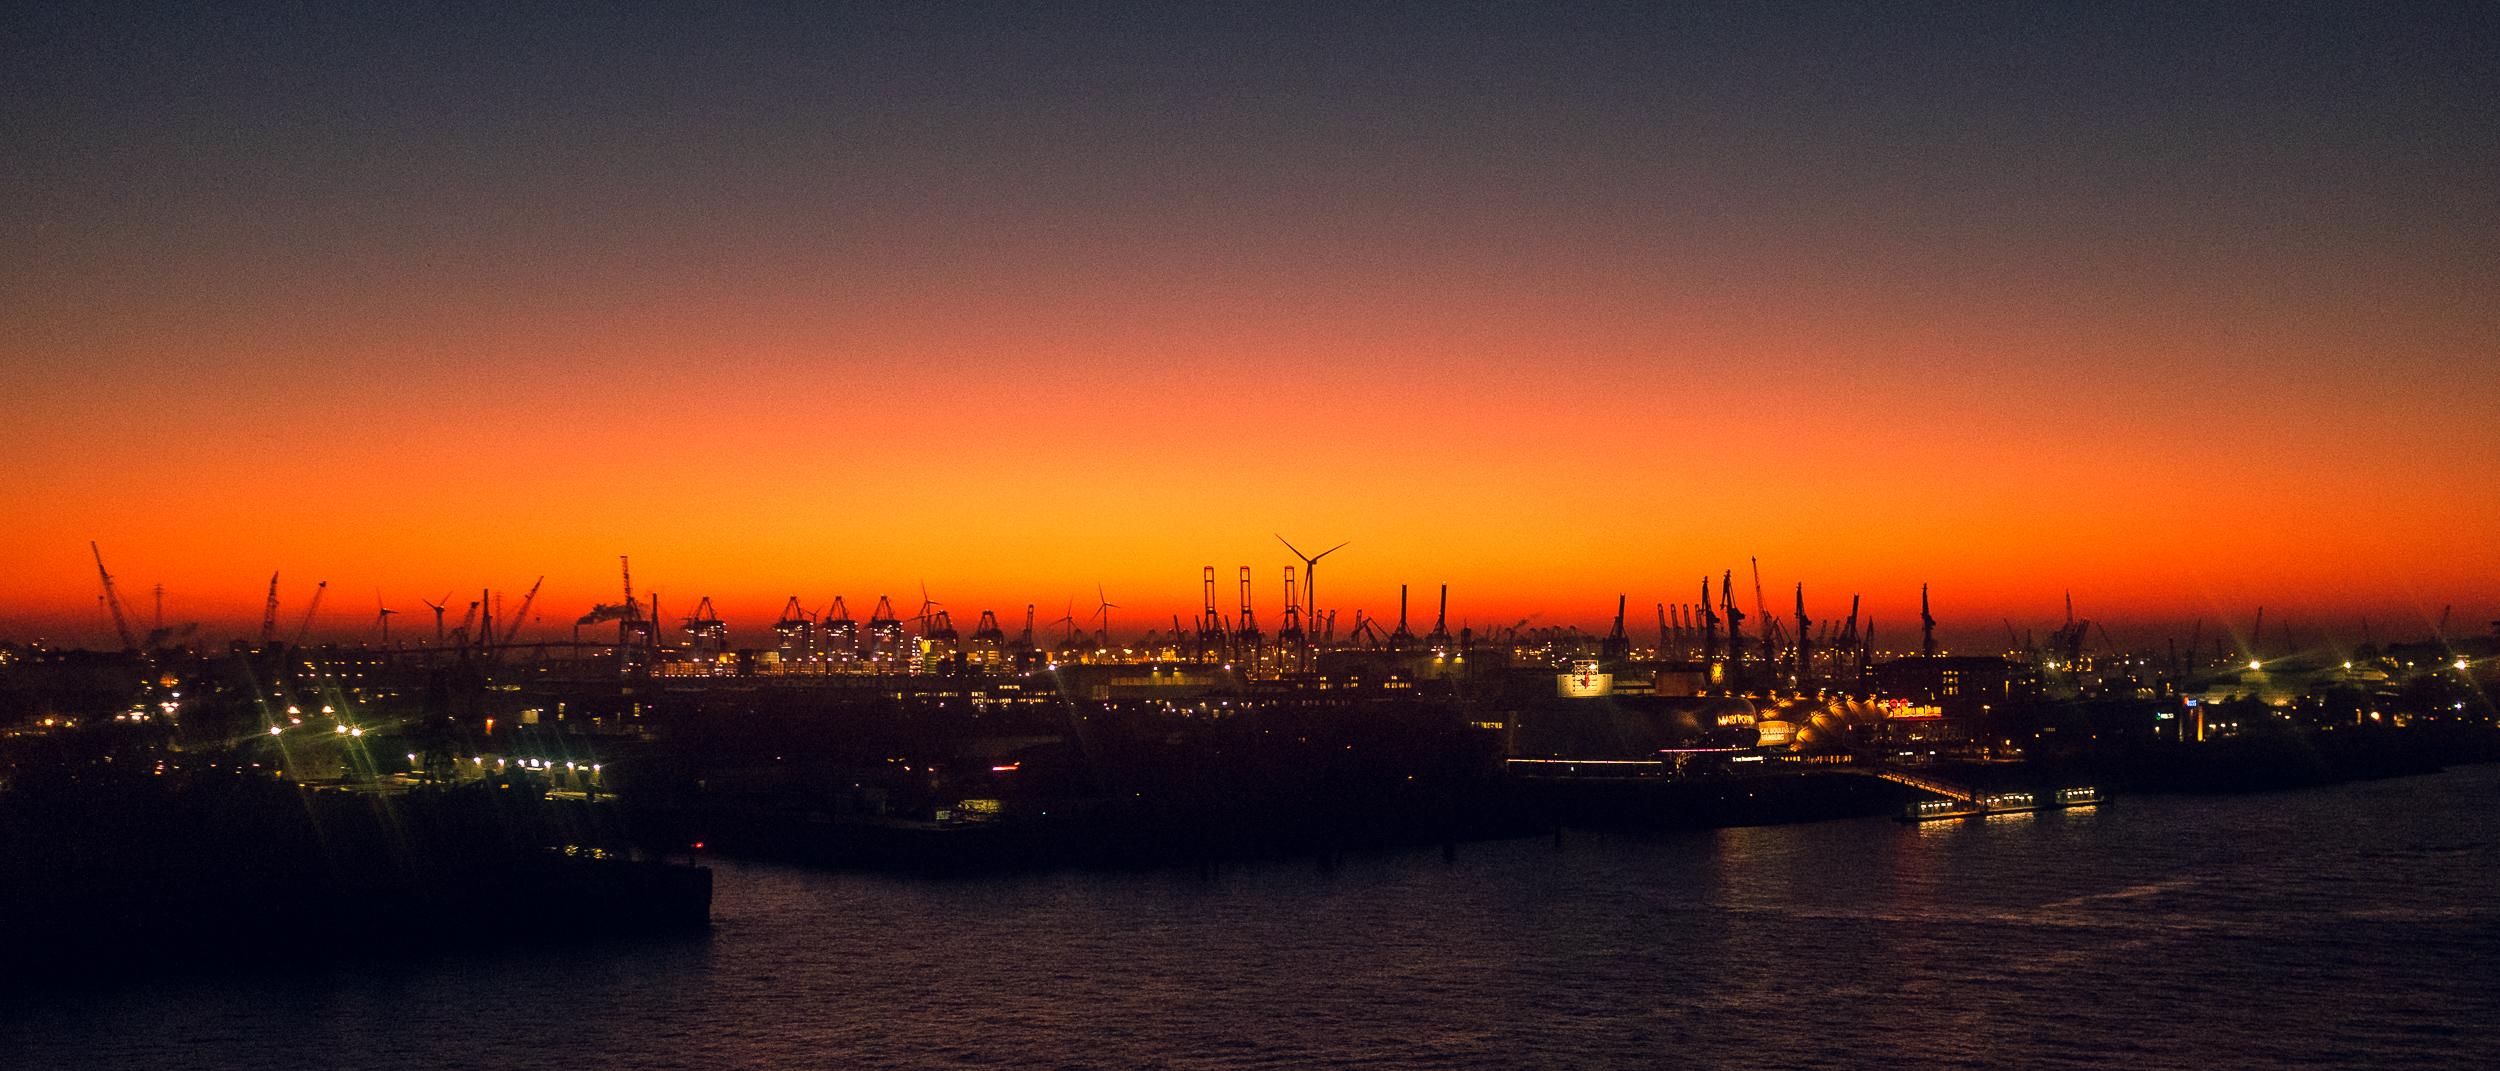 Elbphilharmonie-Hafen_20181116_0039_2500px.jpg